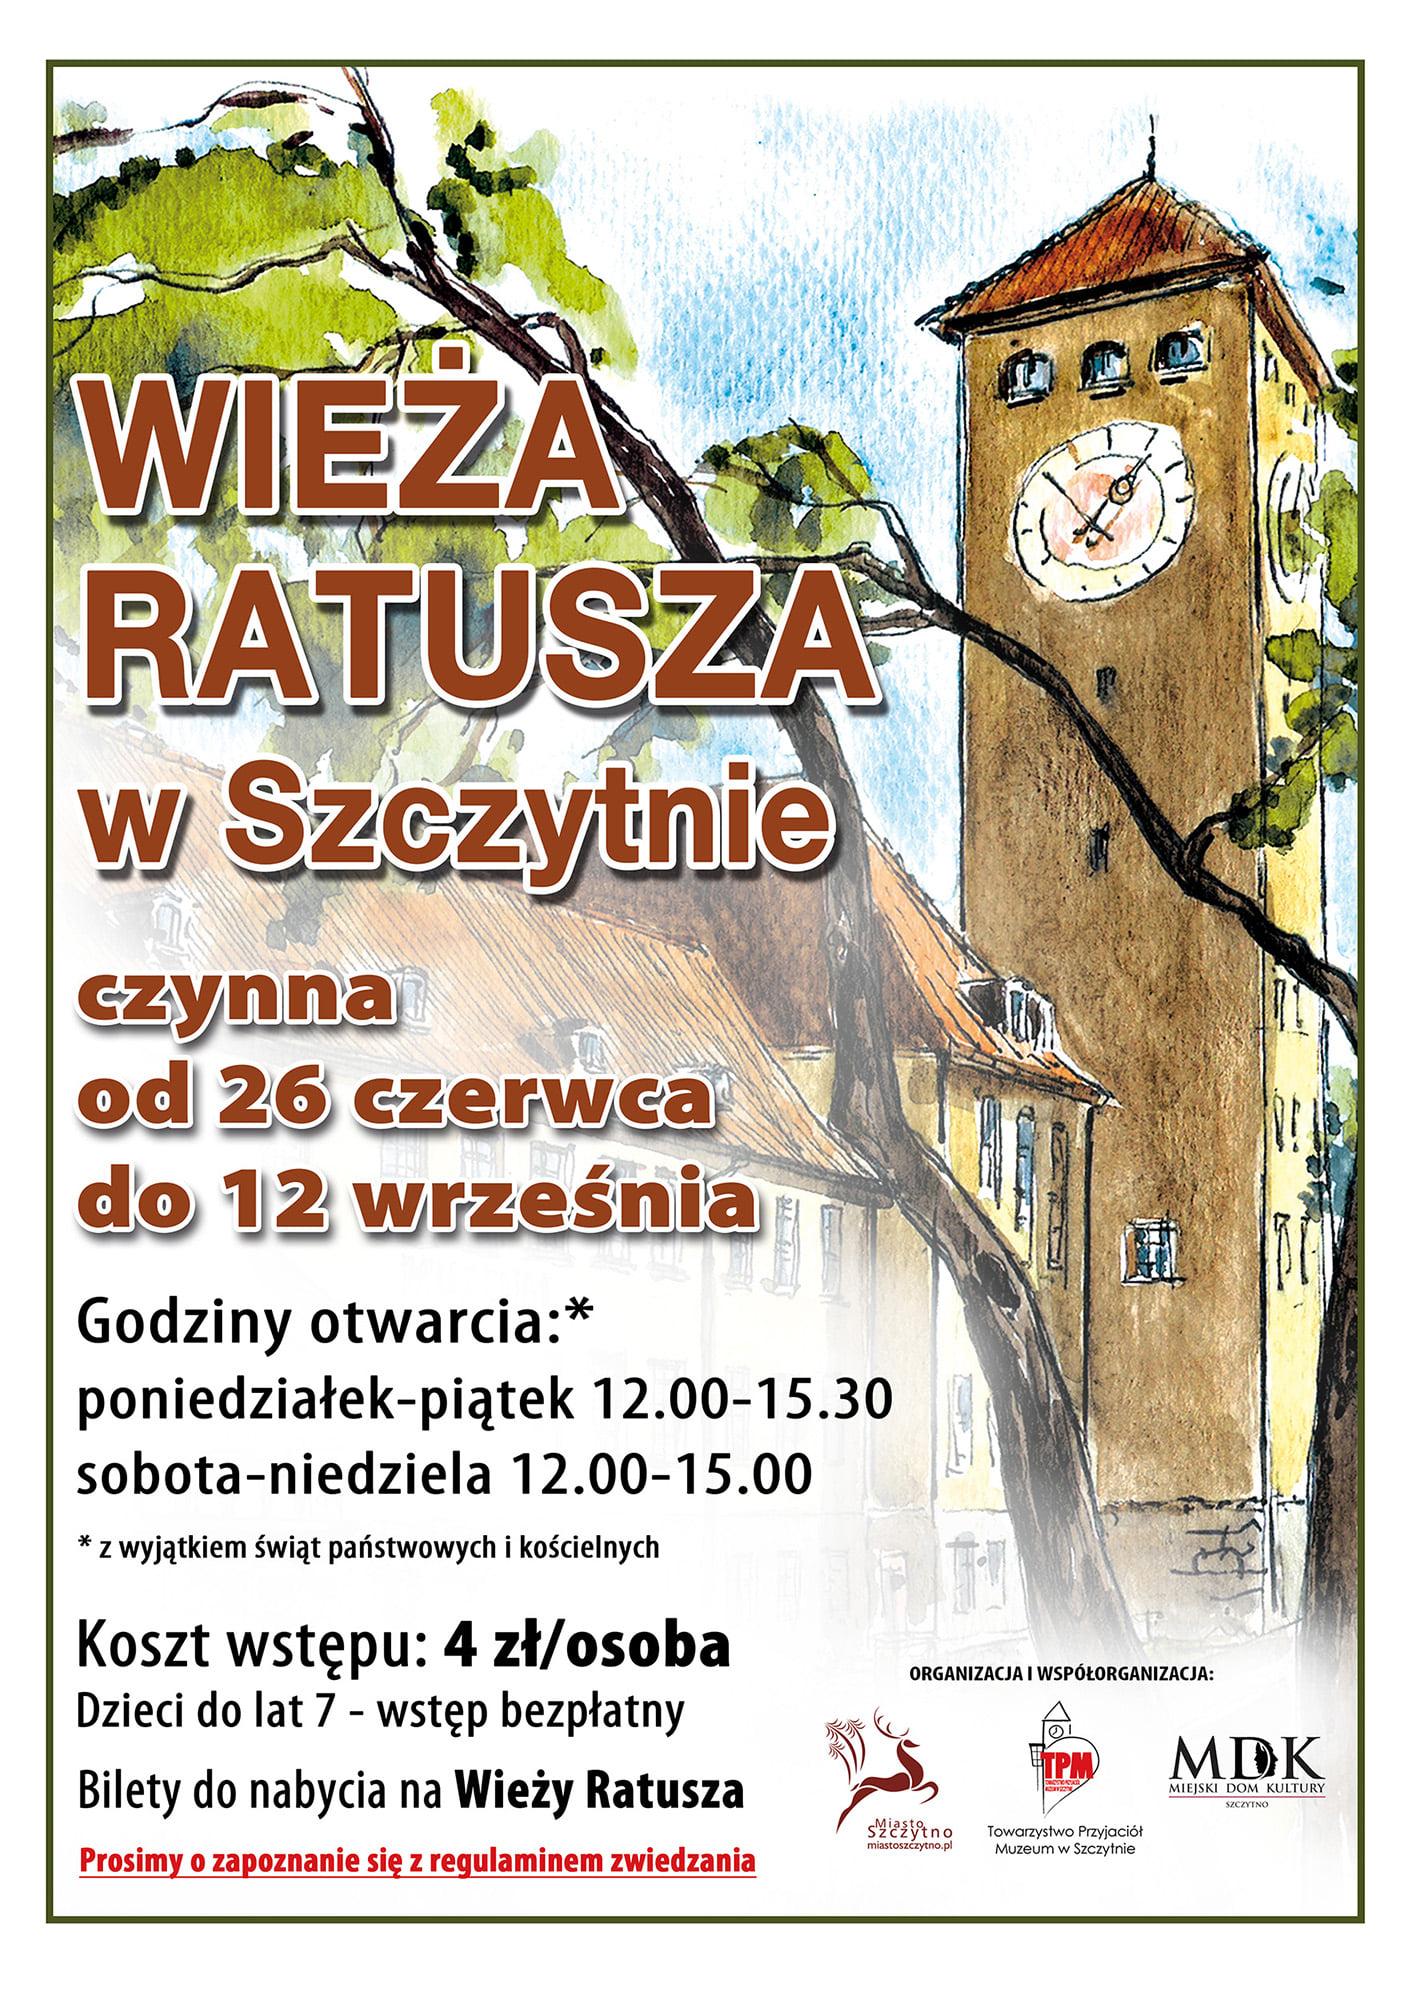 https://m.powiatszczycienski.pl/2021/07/orig/205328789-3895088343934925-2070139775958659579-n-41799.jpg